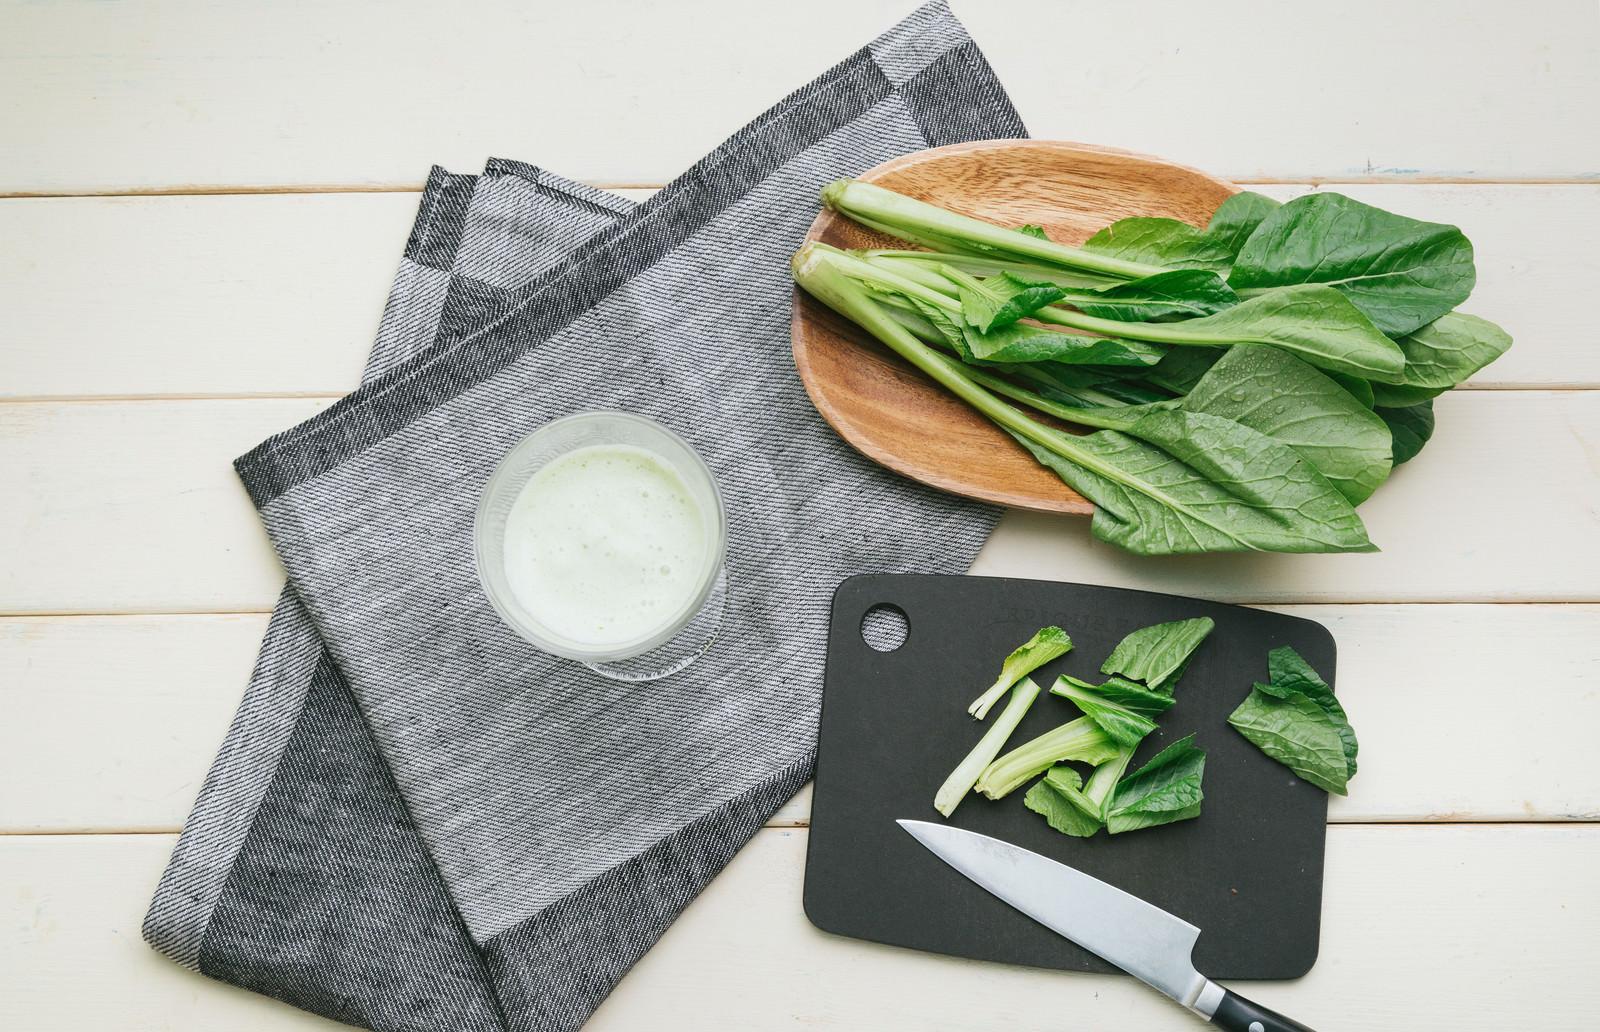 「小松菜のカットとスムージー小松菜のカットとスムージー」のフリー写真素材を拡大